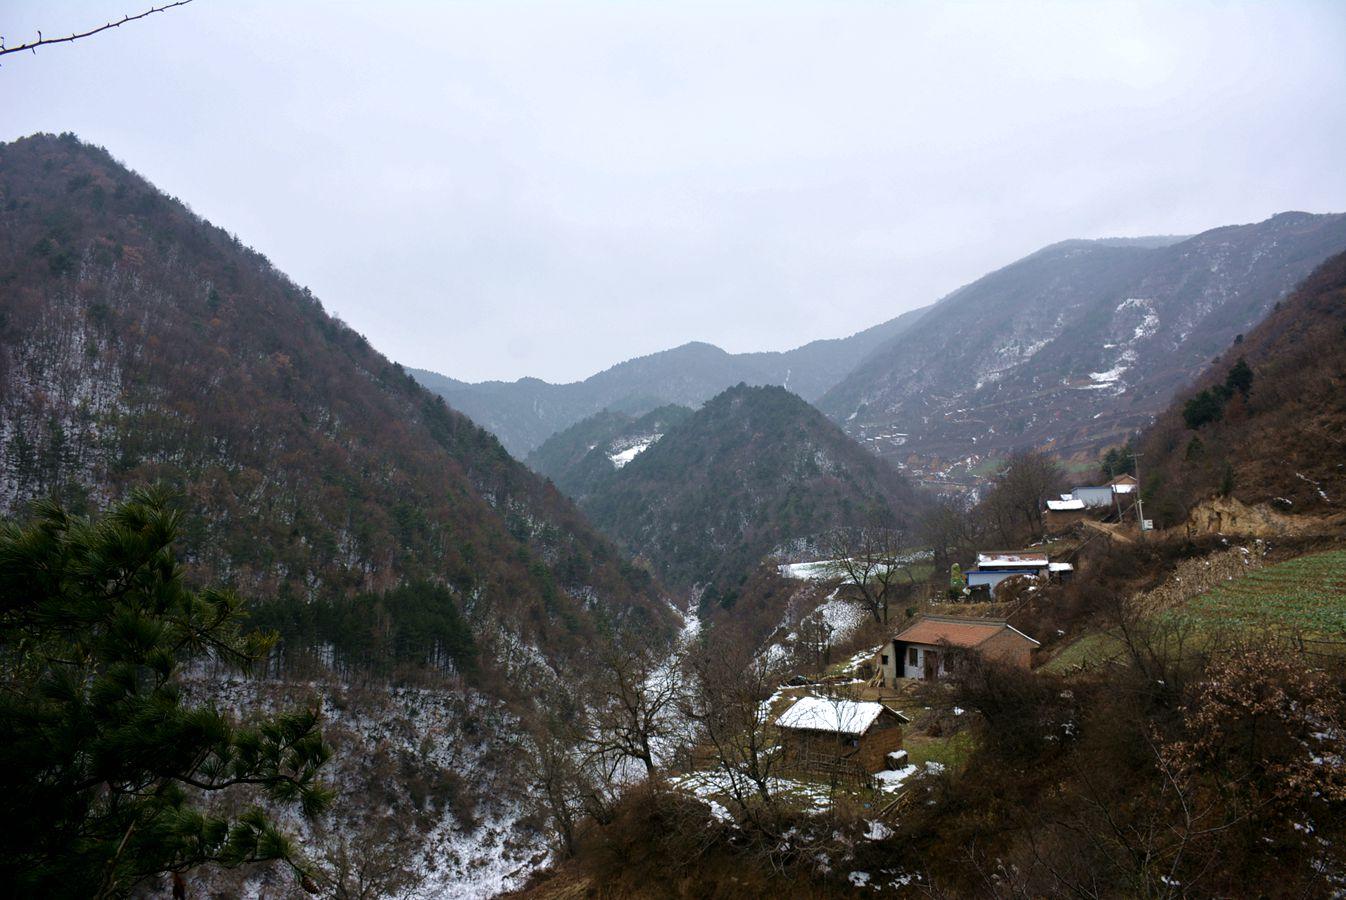 白石峪秦汉古道探秘